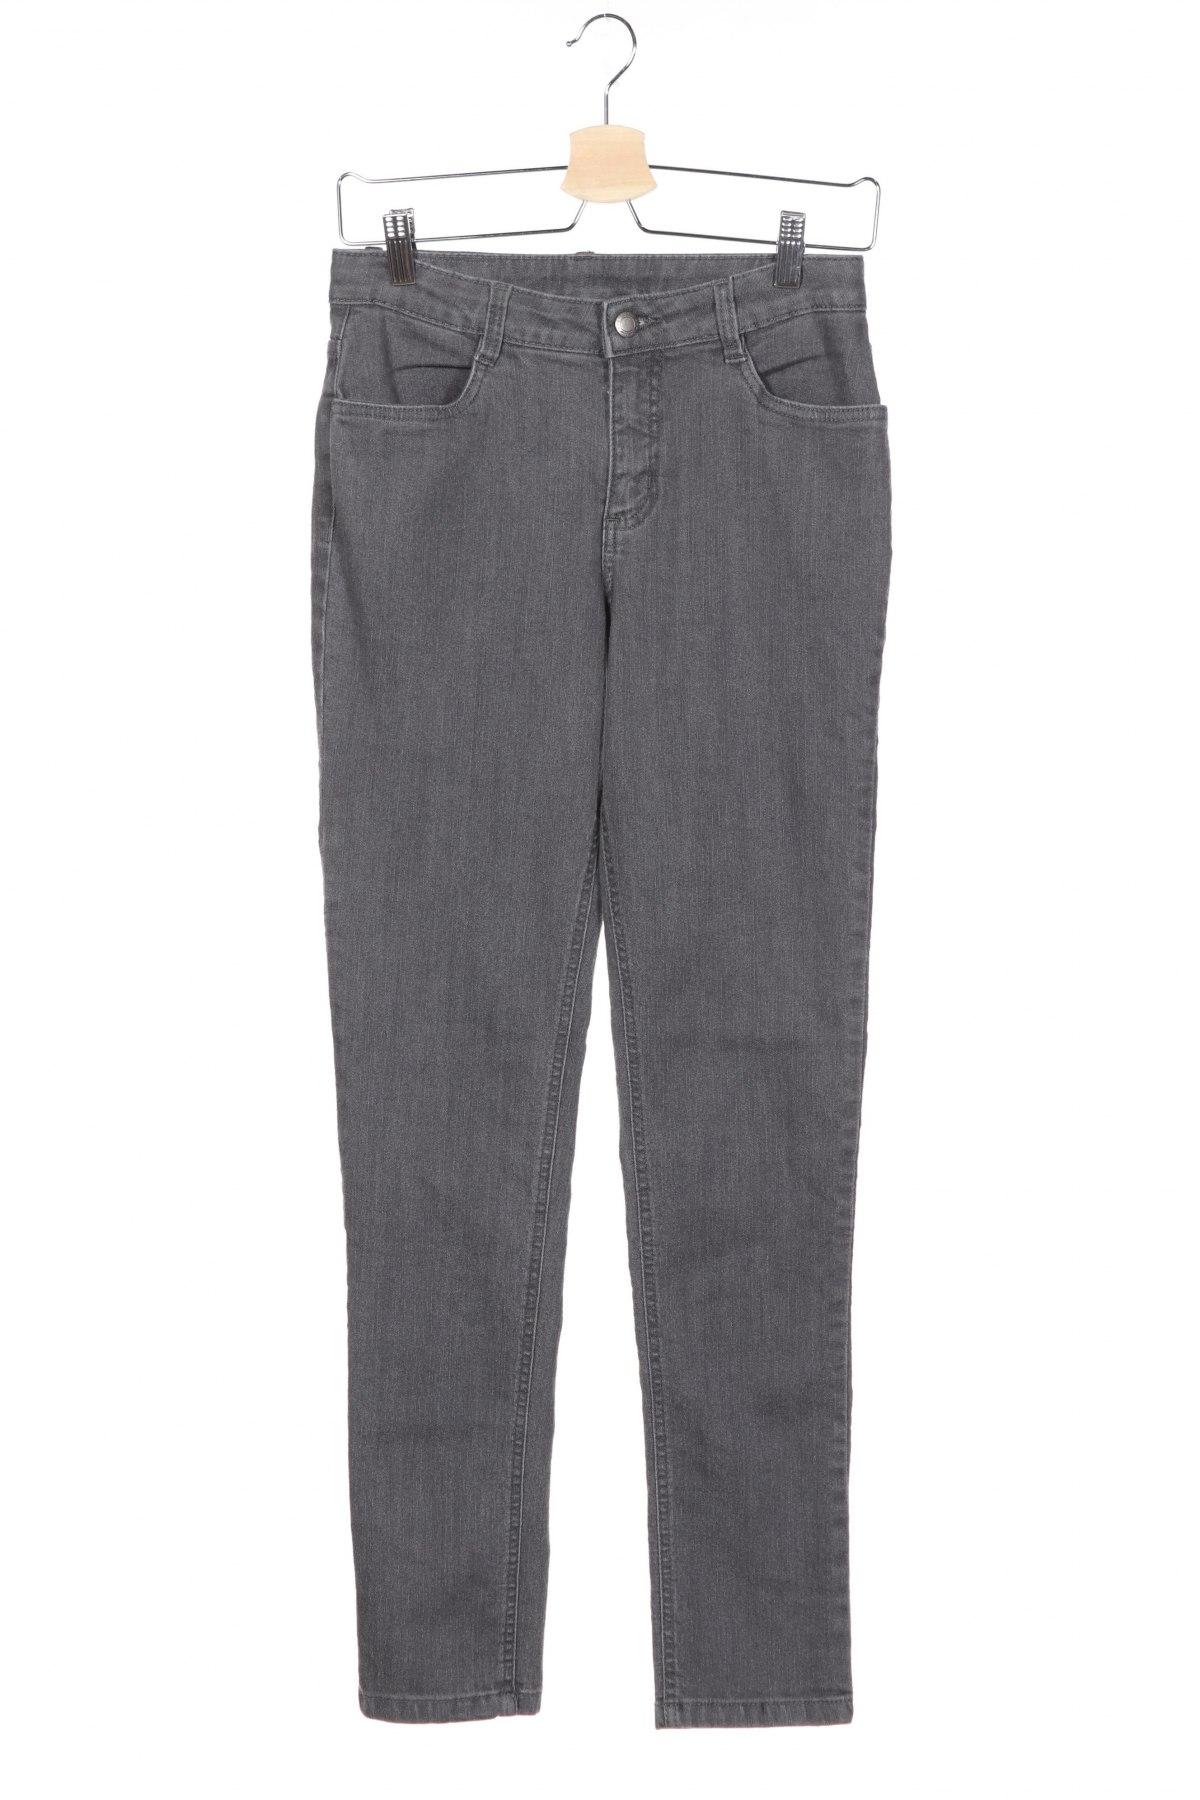 Детски дънки John Baner, Размер 12-13y/ 158-164 см, Цвят Сив, 82% памук, 17% полиестер, 1% еластан, Цена 8,64лв.